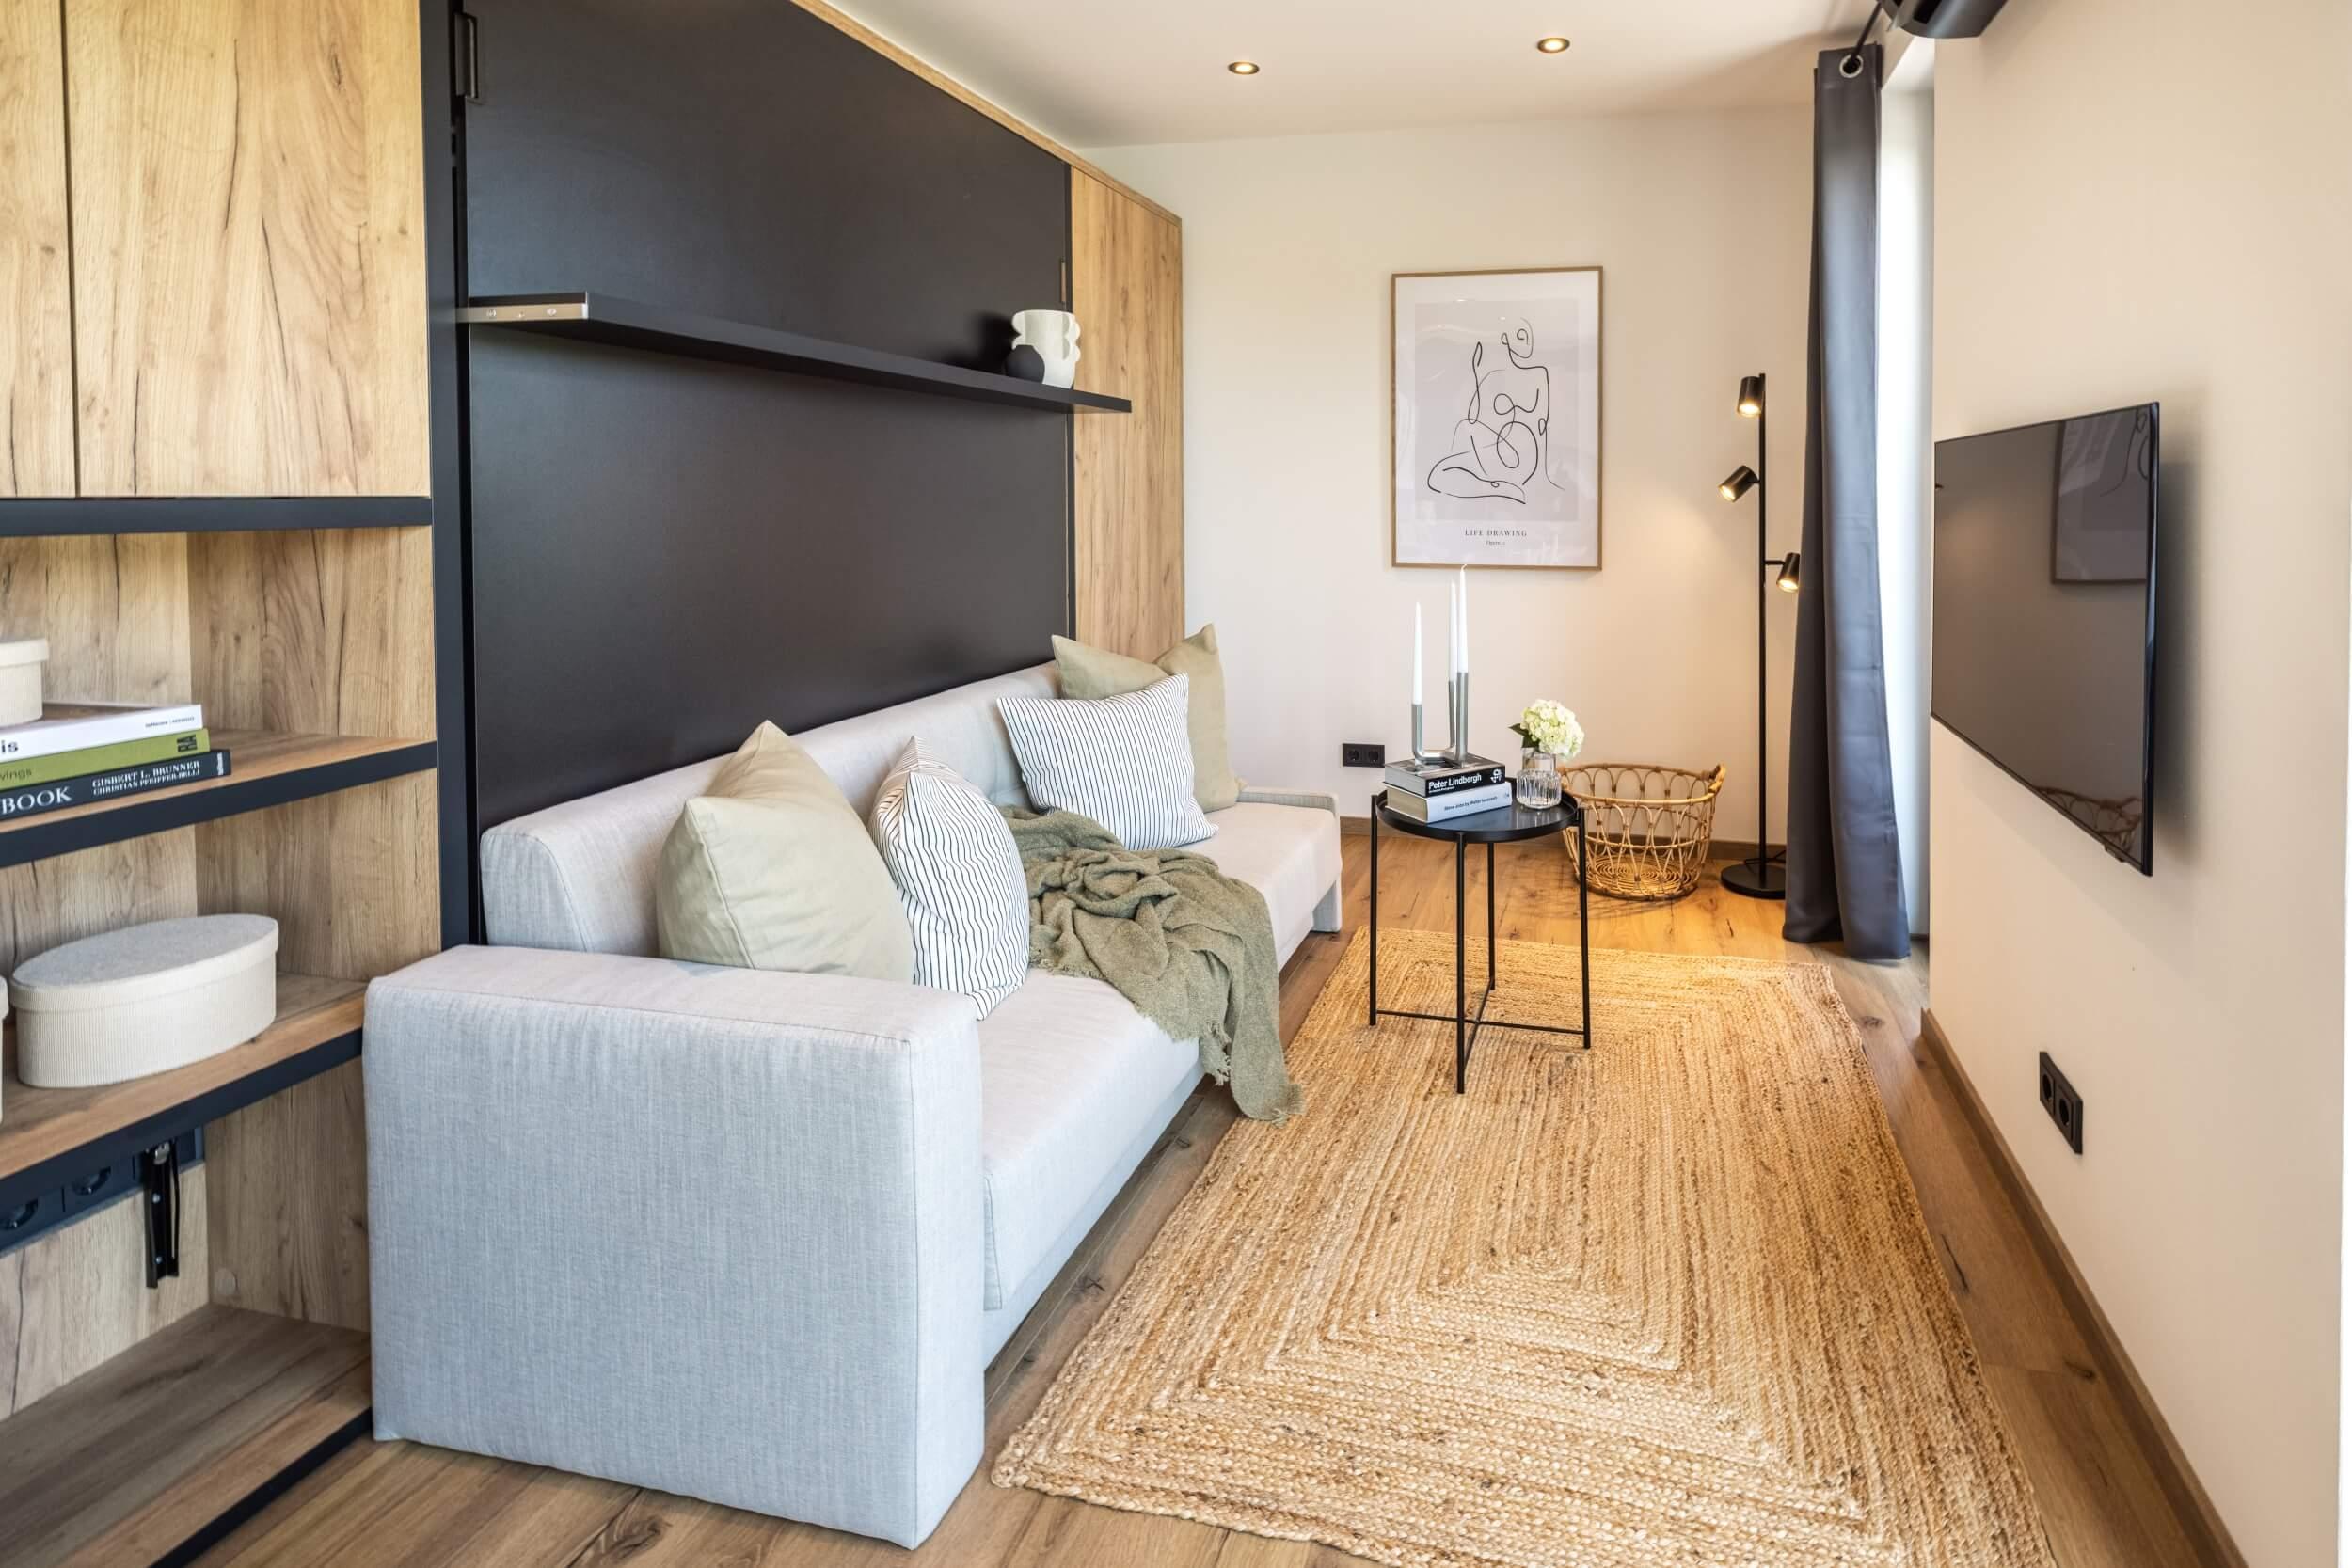 Tiny House BLOXS Wohnzimmer mit Sofa und Fernseher